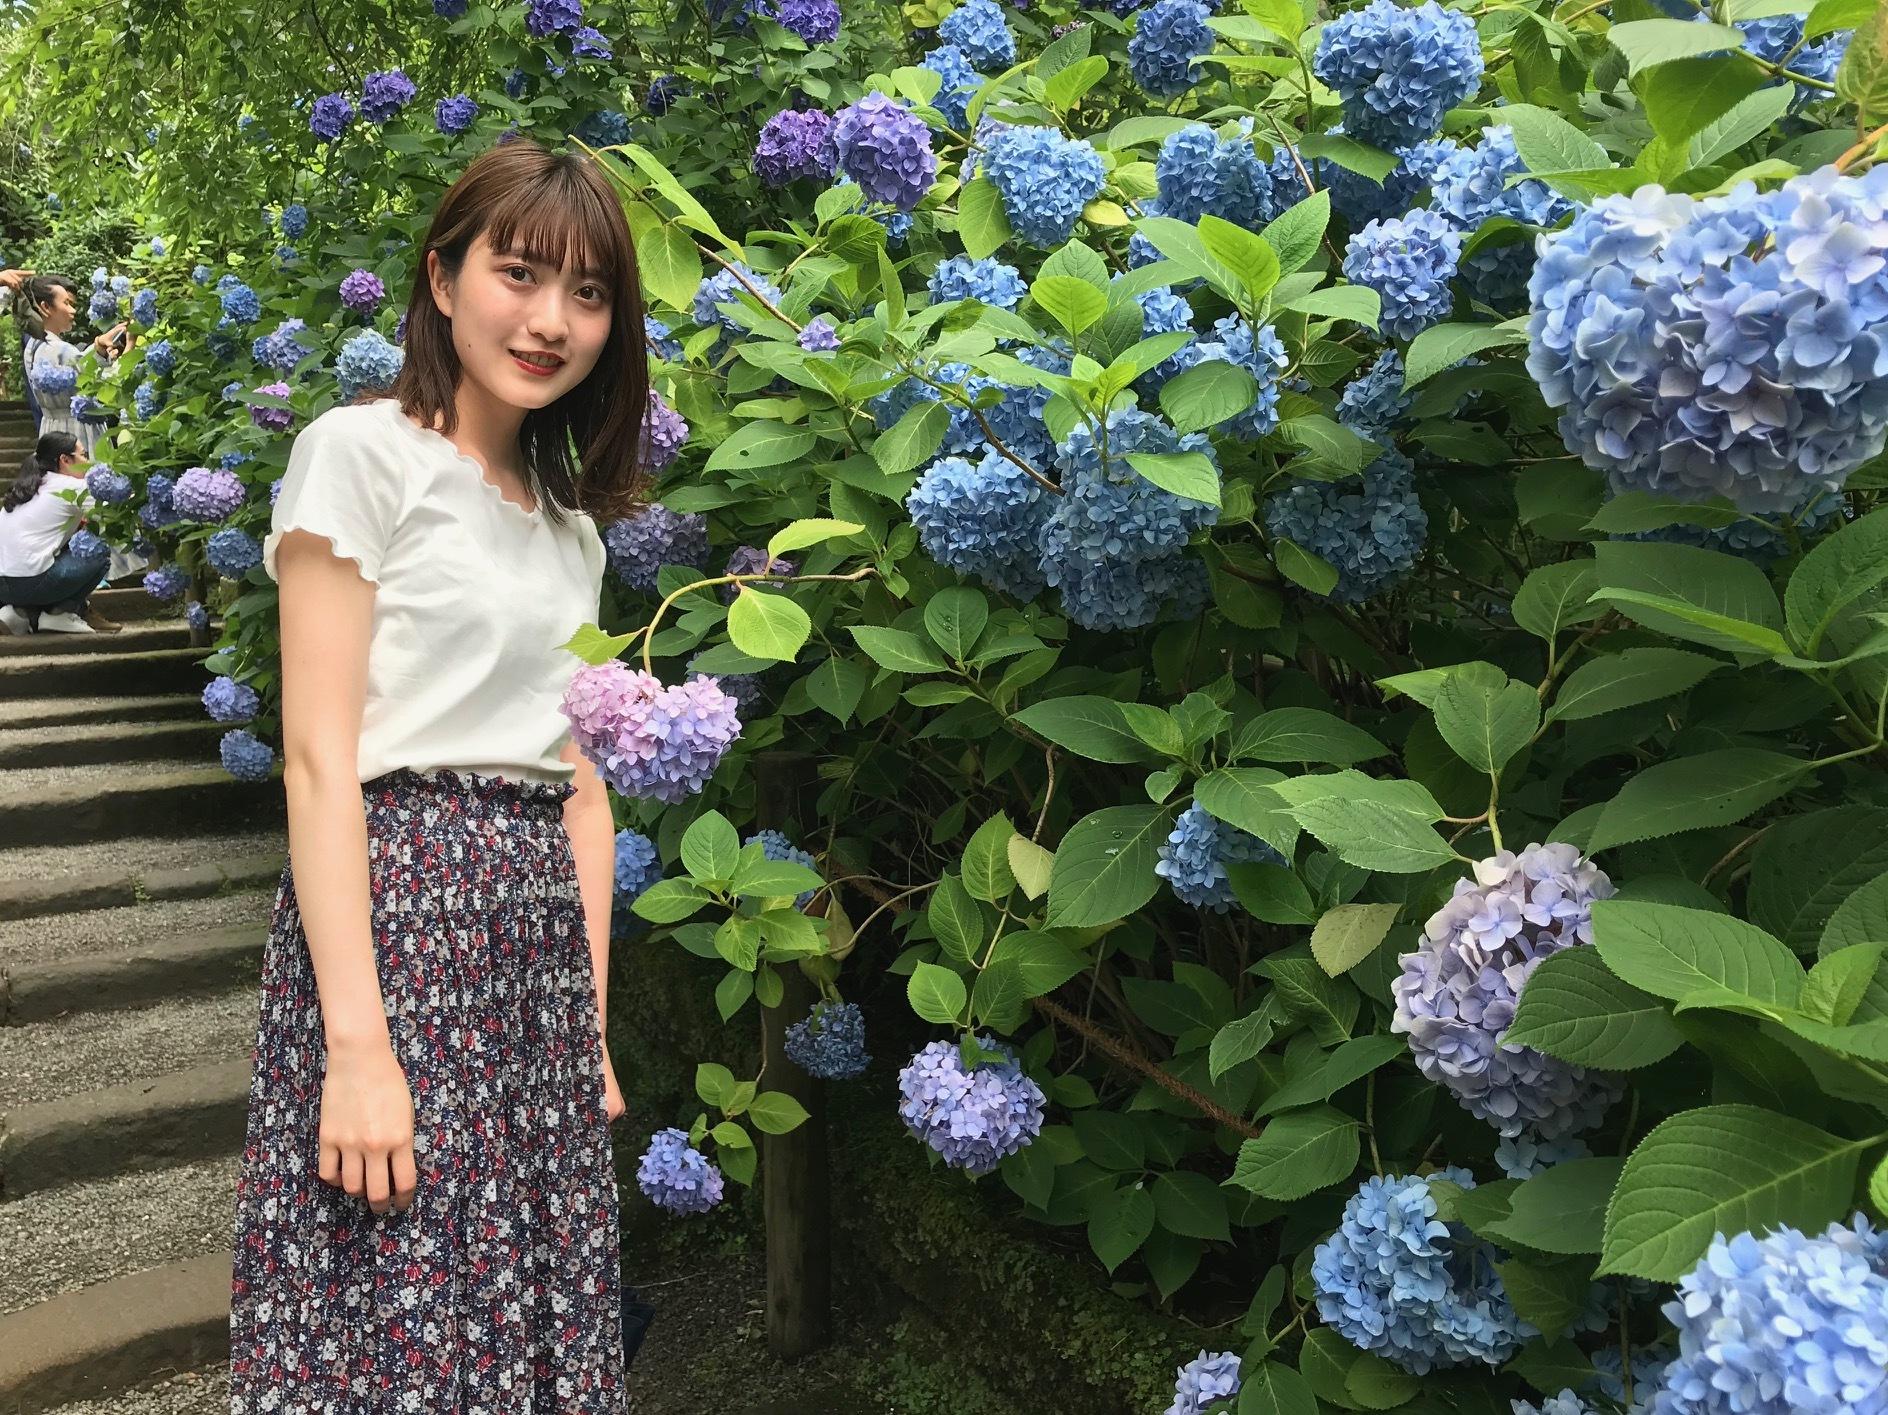 【鎌倉】紫陽花と観光名所_1_1-2